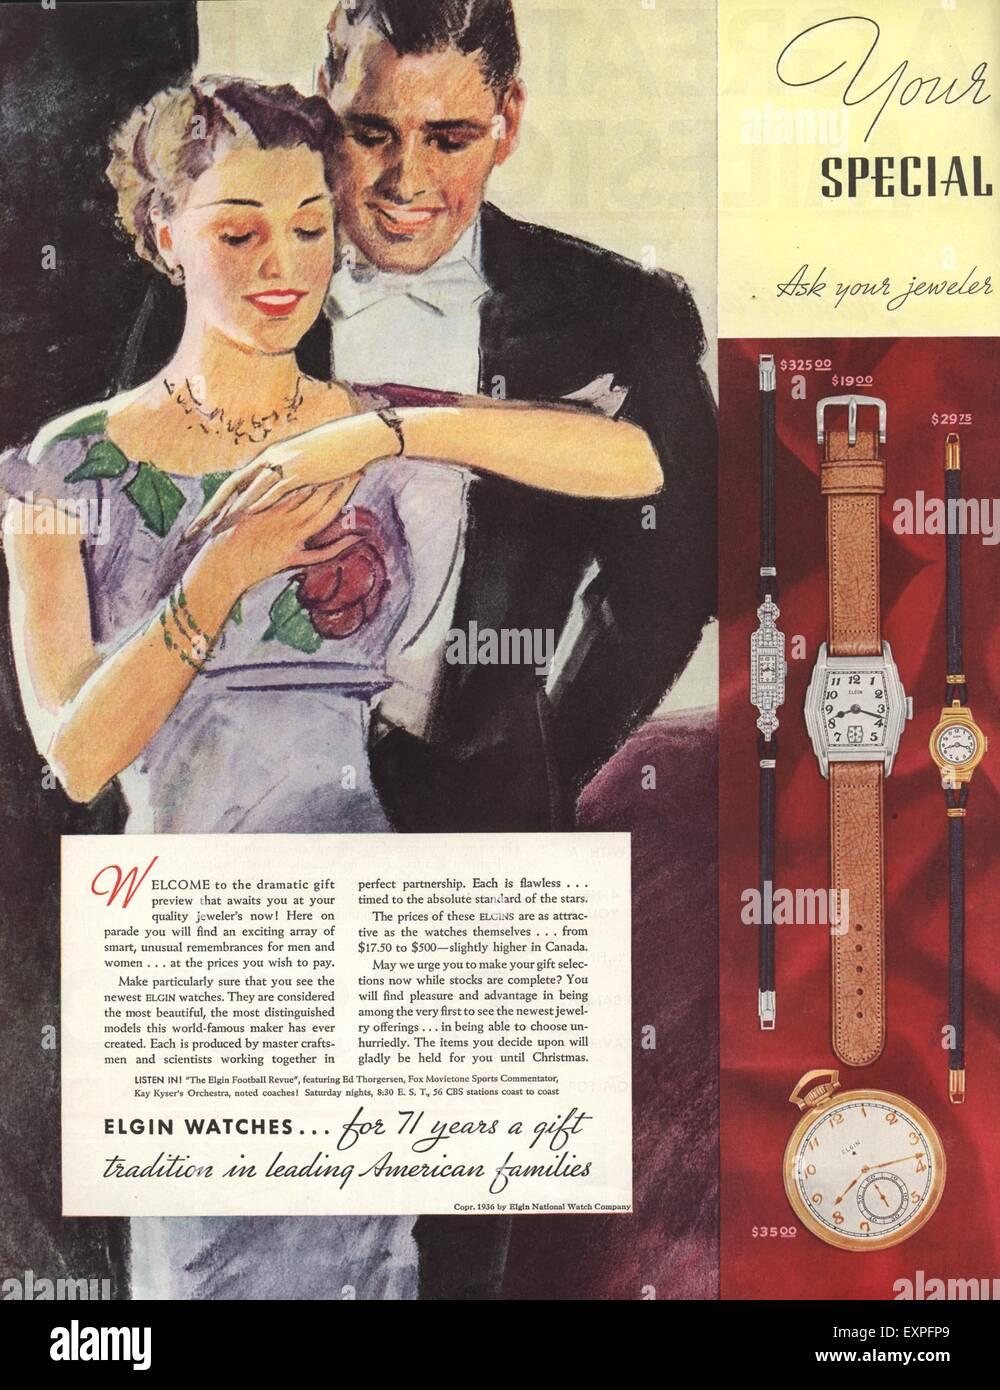 Liebe knots Ehe nicht datieren